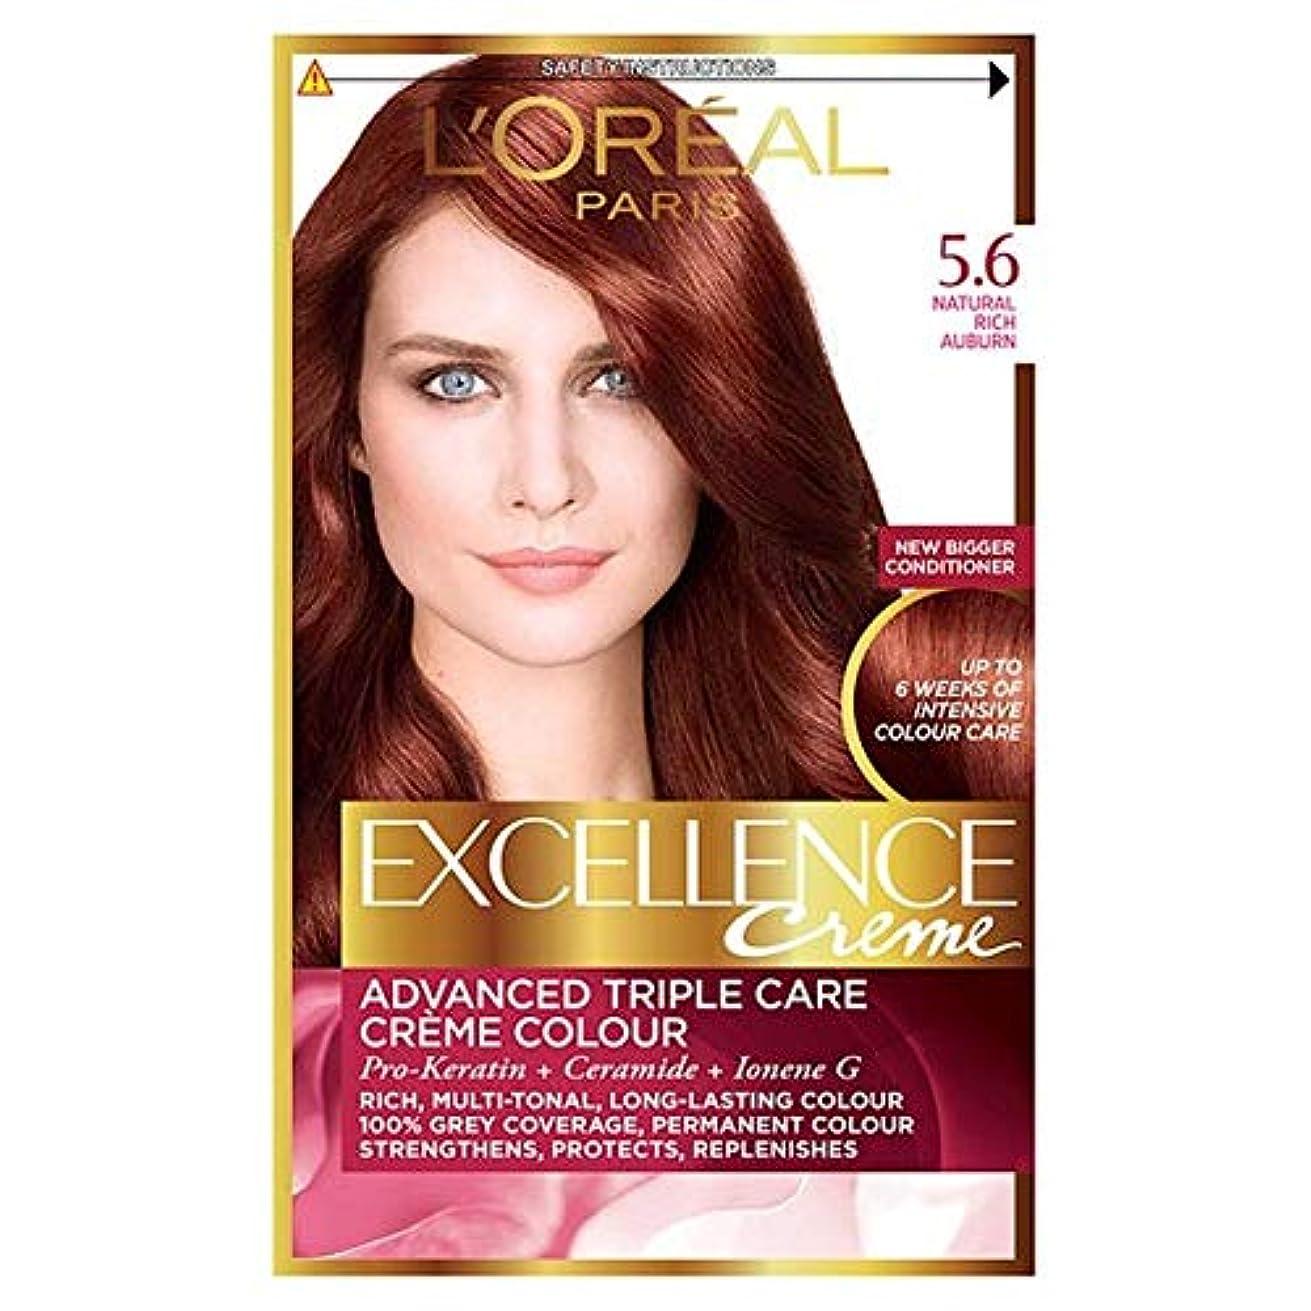 強制的合意に頼る[Excellence] ロレアルパリ優秀5.6豊かな赤褐色 - L'oreal Paris Excellence 5.6 Rich Auburn [並行輸入品]